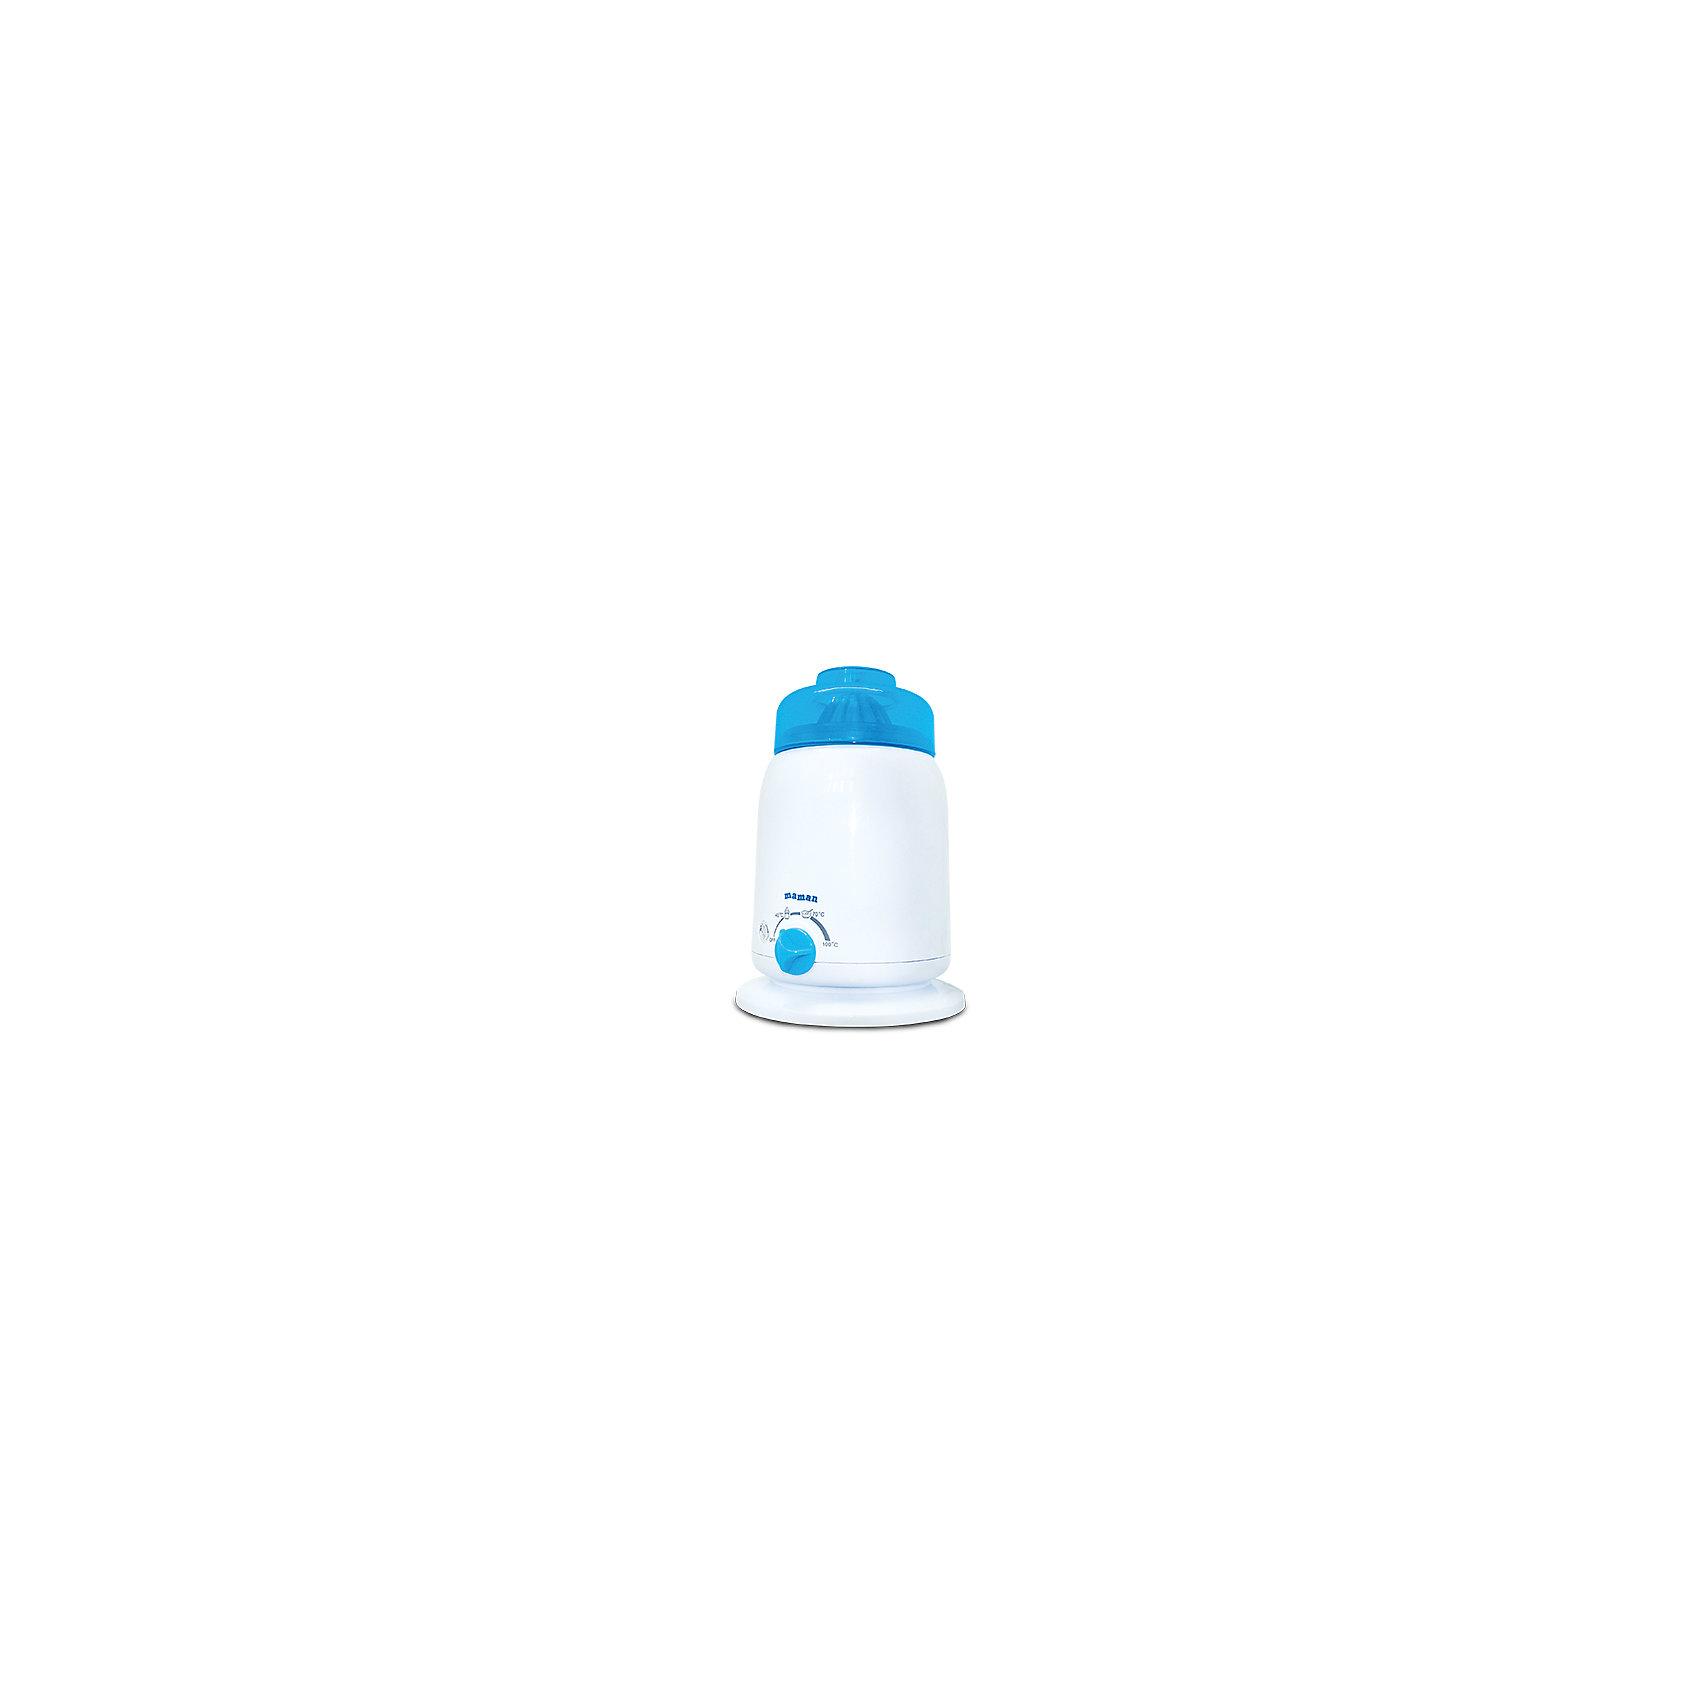 Подогреватель детского питания Maman LS-B202Детская бытовая техника<br>Подходит для всех типов бутылочек. <br>Нагревает детское питание за несколько минут до необходимой температуры. <br>Плавная регулировка температуры. <br>автоматически поддерживает заданную температуру нагрева. <br>В комплекте стакан с крышкой (для подогрева и хранения детского питания). <br>Безопасный, экономичный и надежный нагревательный элемент. <br>индикатор состояния и готовности нагрева.<br><br>Ширина мм: 140<br>Глубина мм: 140<br>Высота мм: 195<br>Вес г: 457<br>Возраст от месяцев: 0<br>Возраст до месяцев: 36<br>Пол: Унисекс<br>Возраст: Детский<br>SKU: 3375637